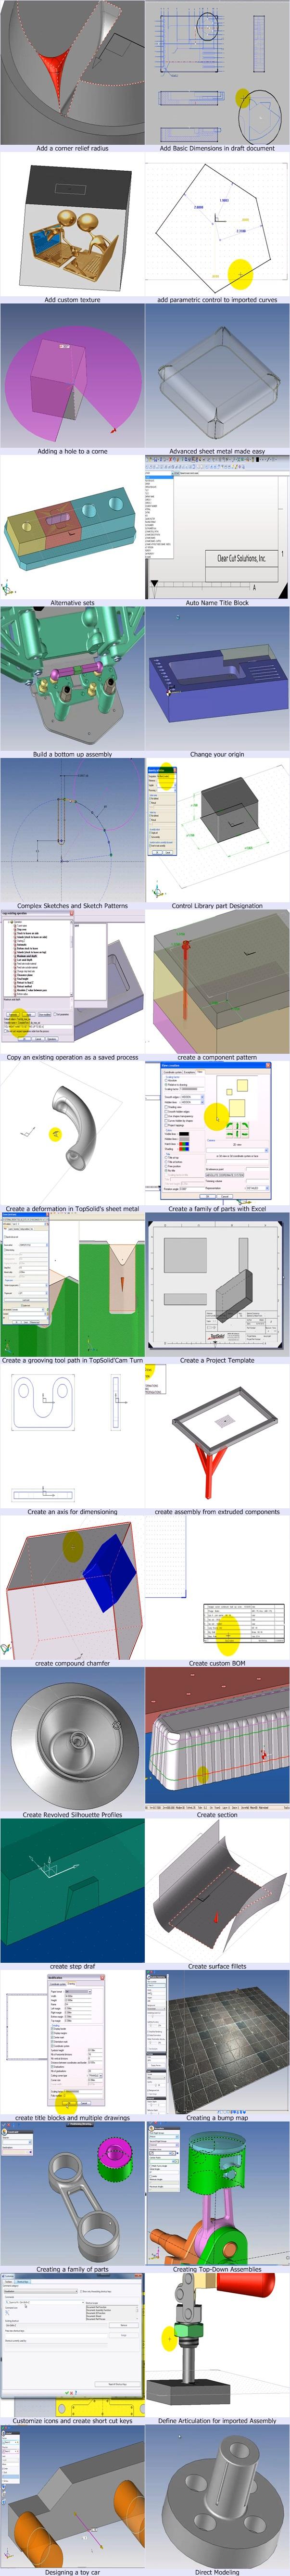 adv design1